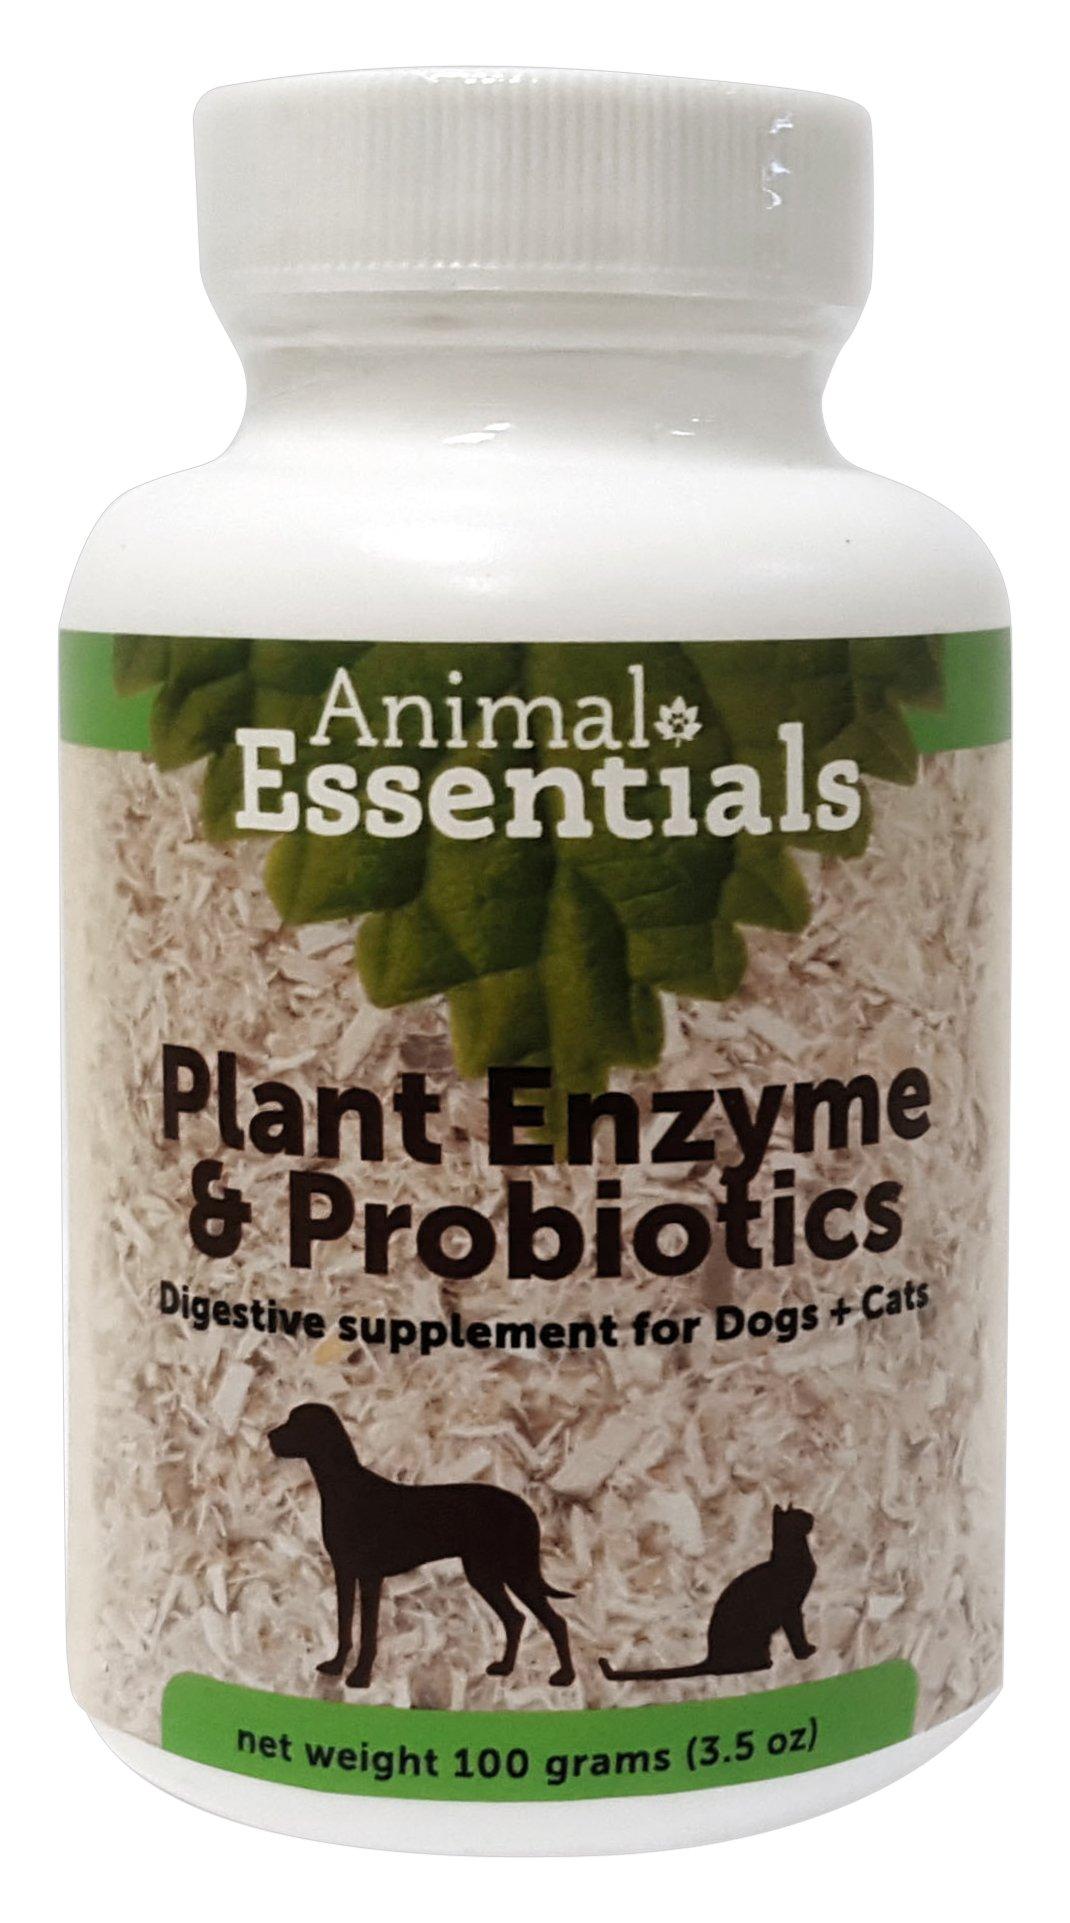 Animal Essentials Plant Enzymes & Probiotics Supplement, 100g by Animal Essentials